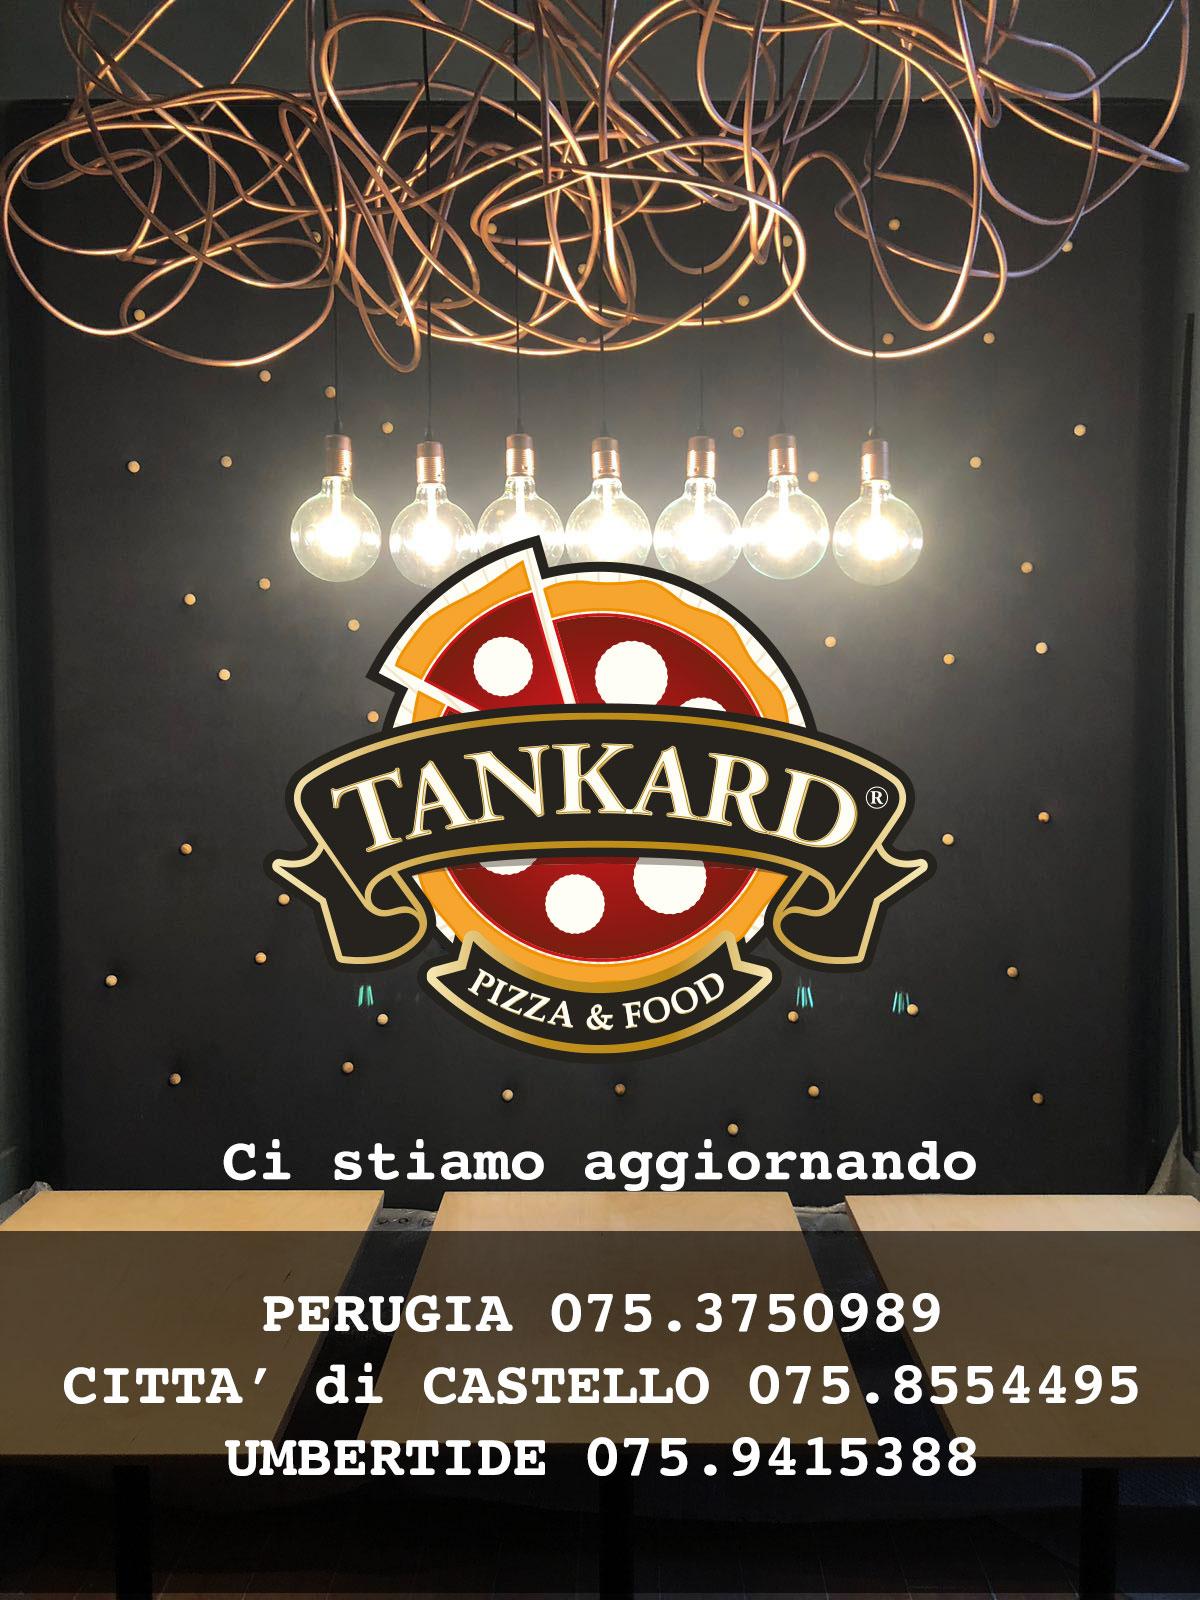 Tankard Pizza & Food